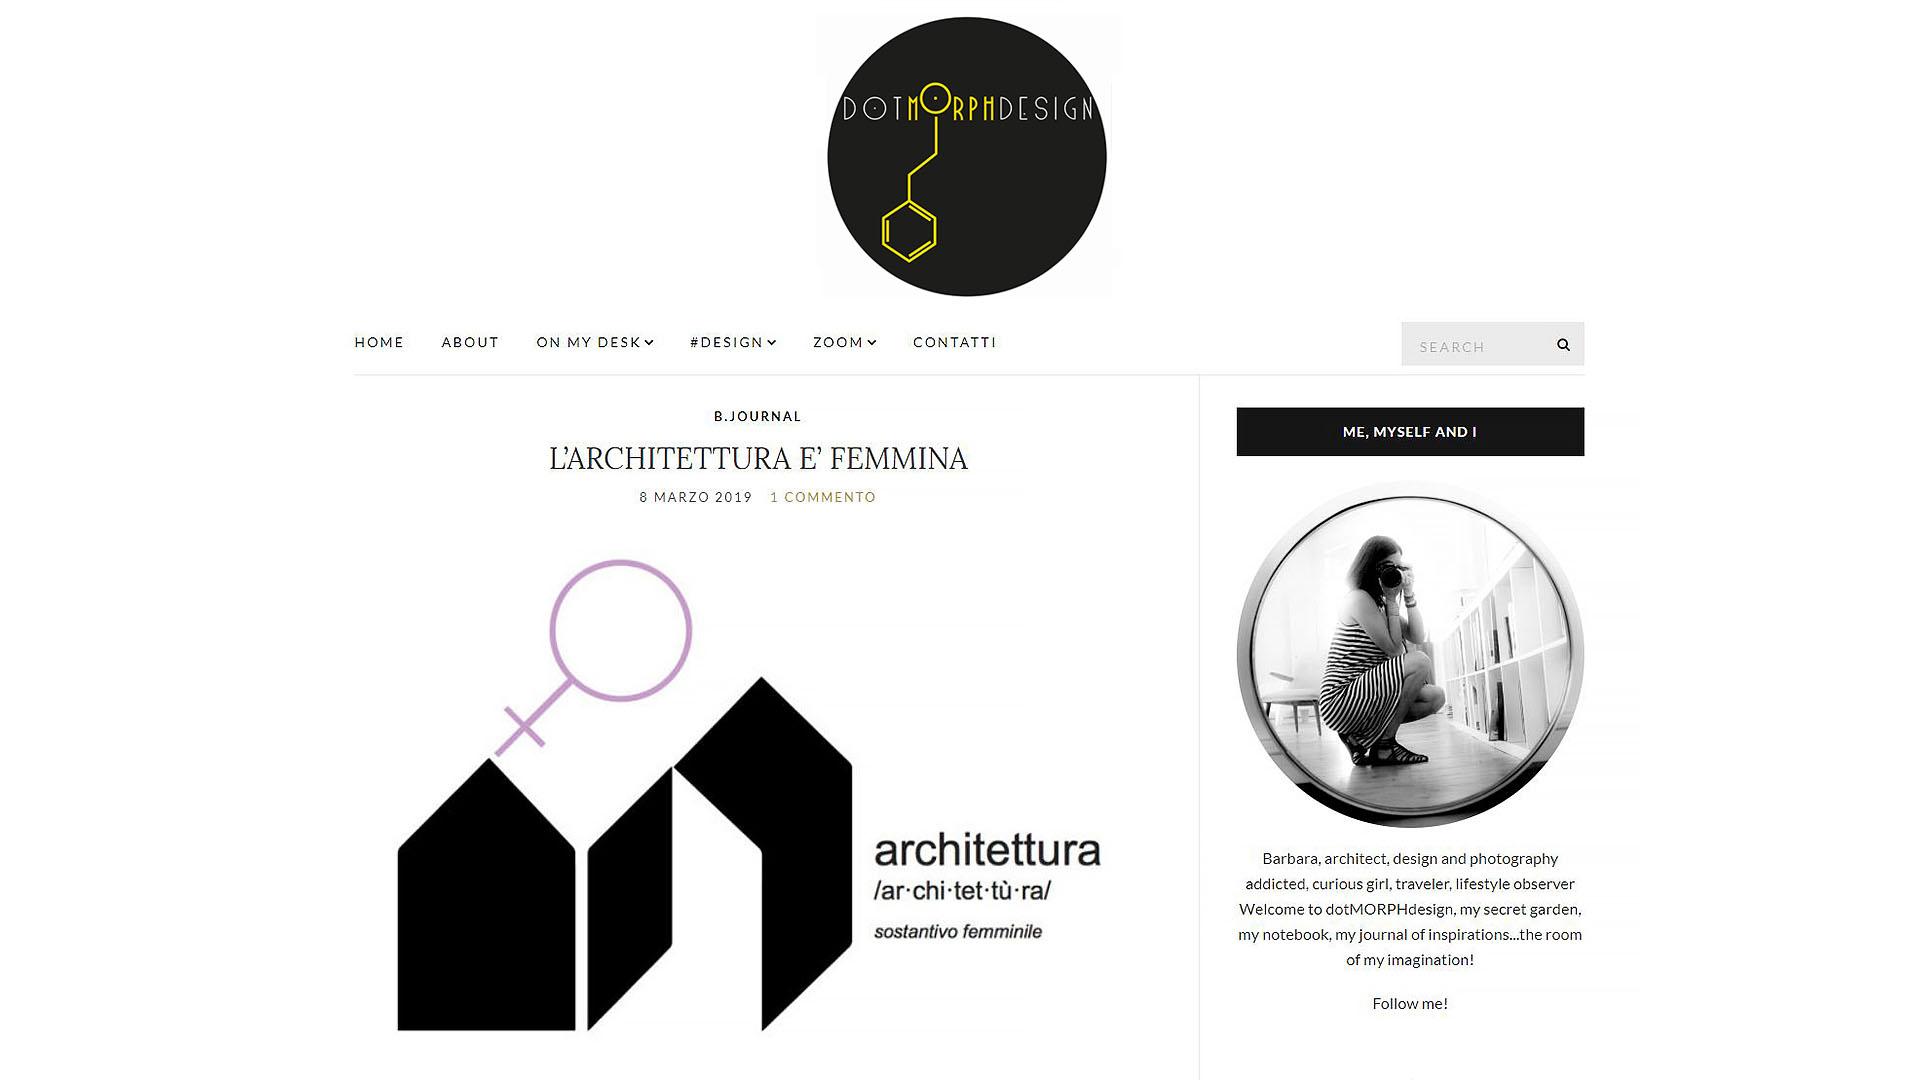 Schermata dell'articolo sul sito web di DotMorph Design dove si parla di donne e architettura.